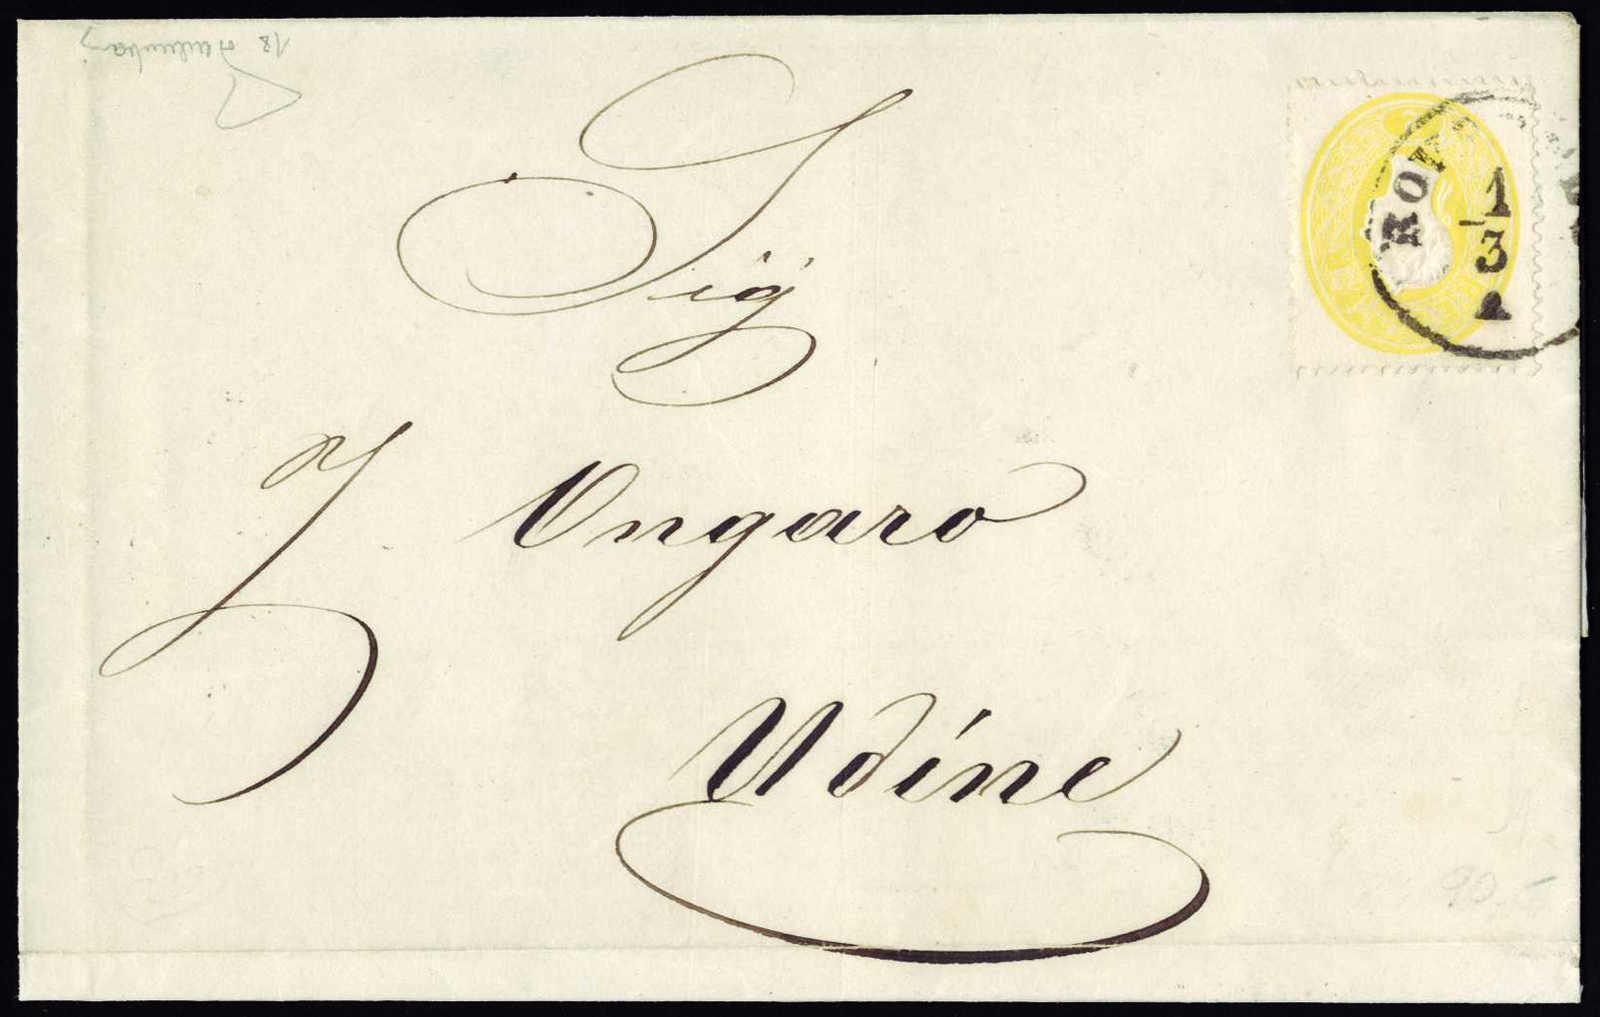 Lot 344 - europa österreich lombardei venetien -  HA HARMERS AUCTIONS S.A. Treasure Hunt 3